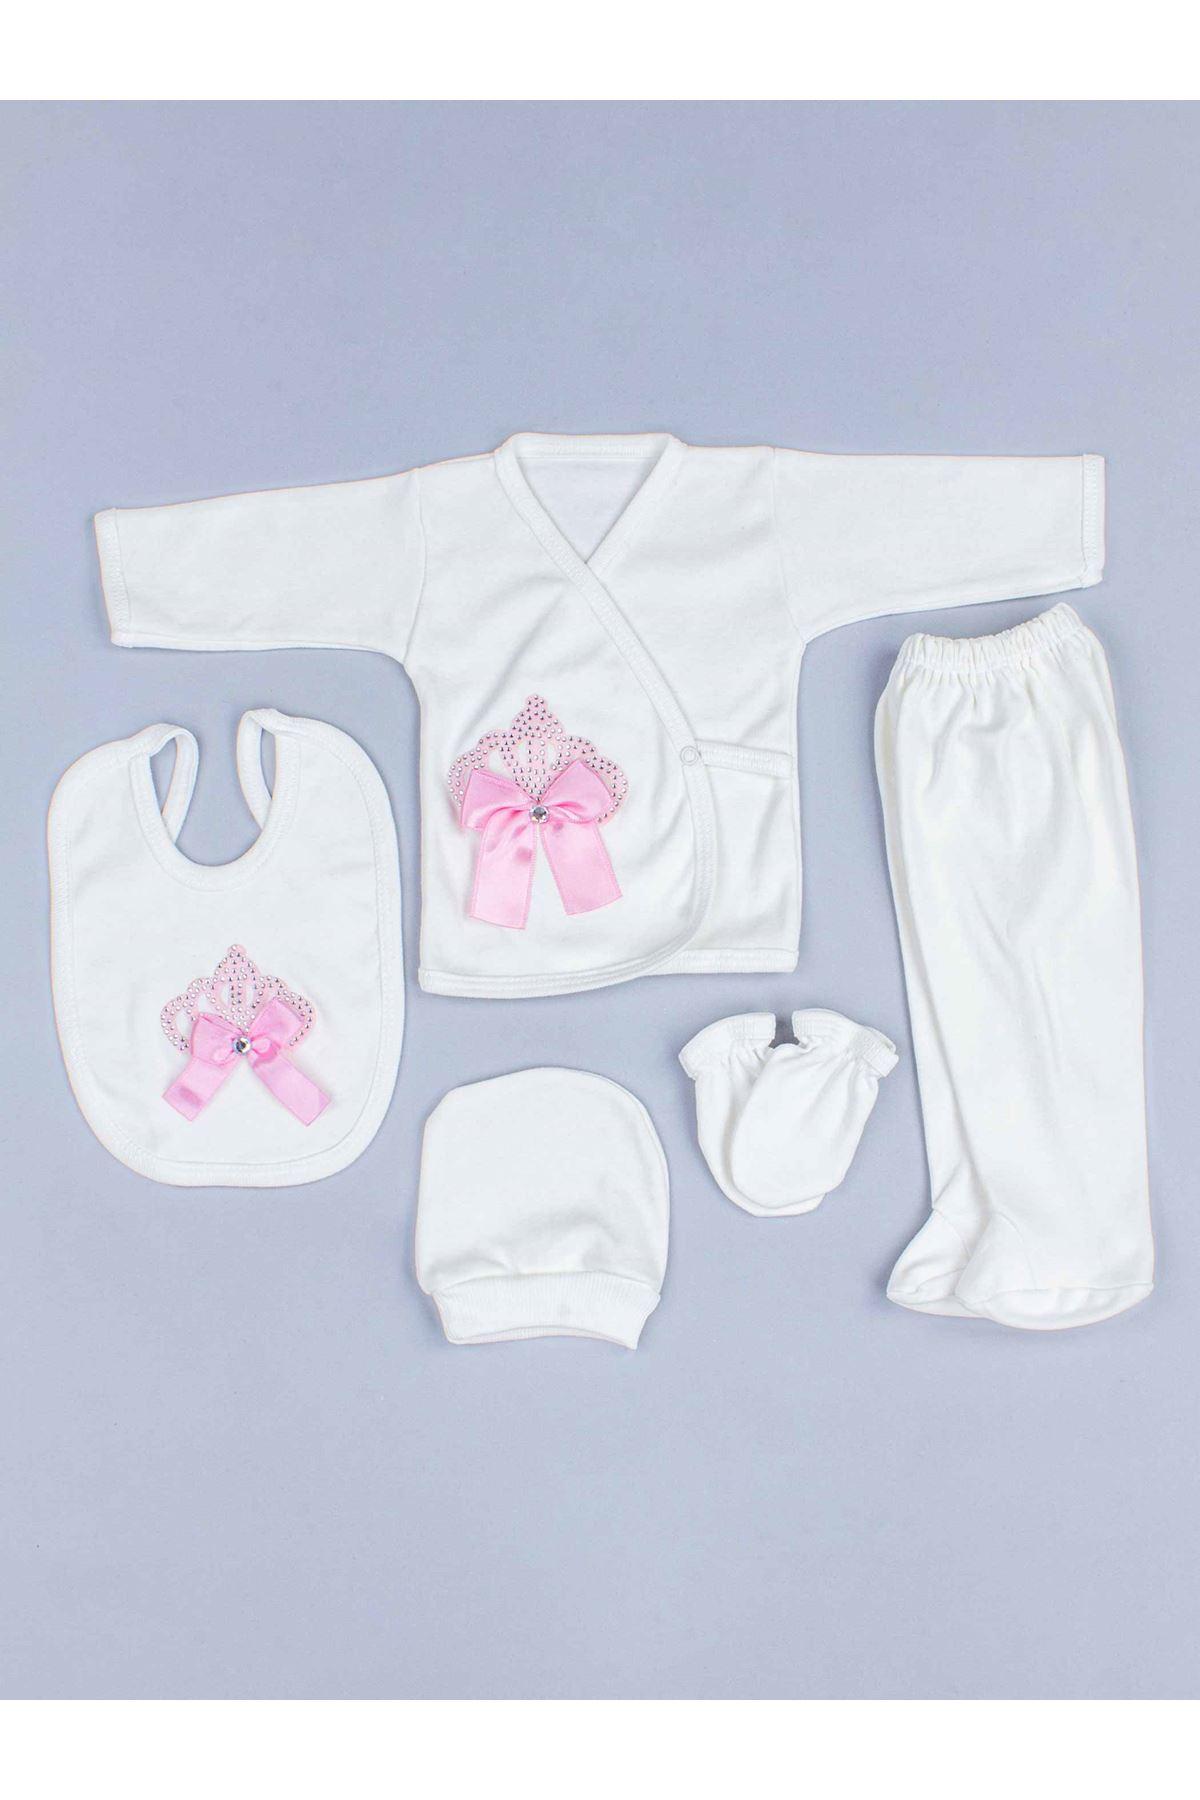 Pembe Kraliçe Taçlı Kız Bebek 5 li Hastane Çıkışı